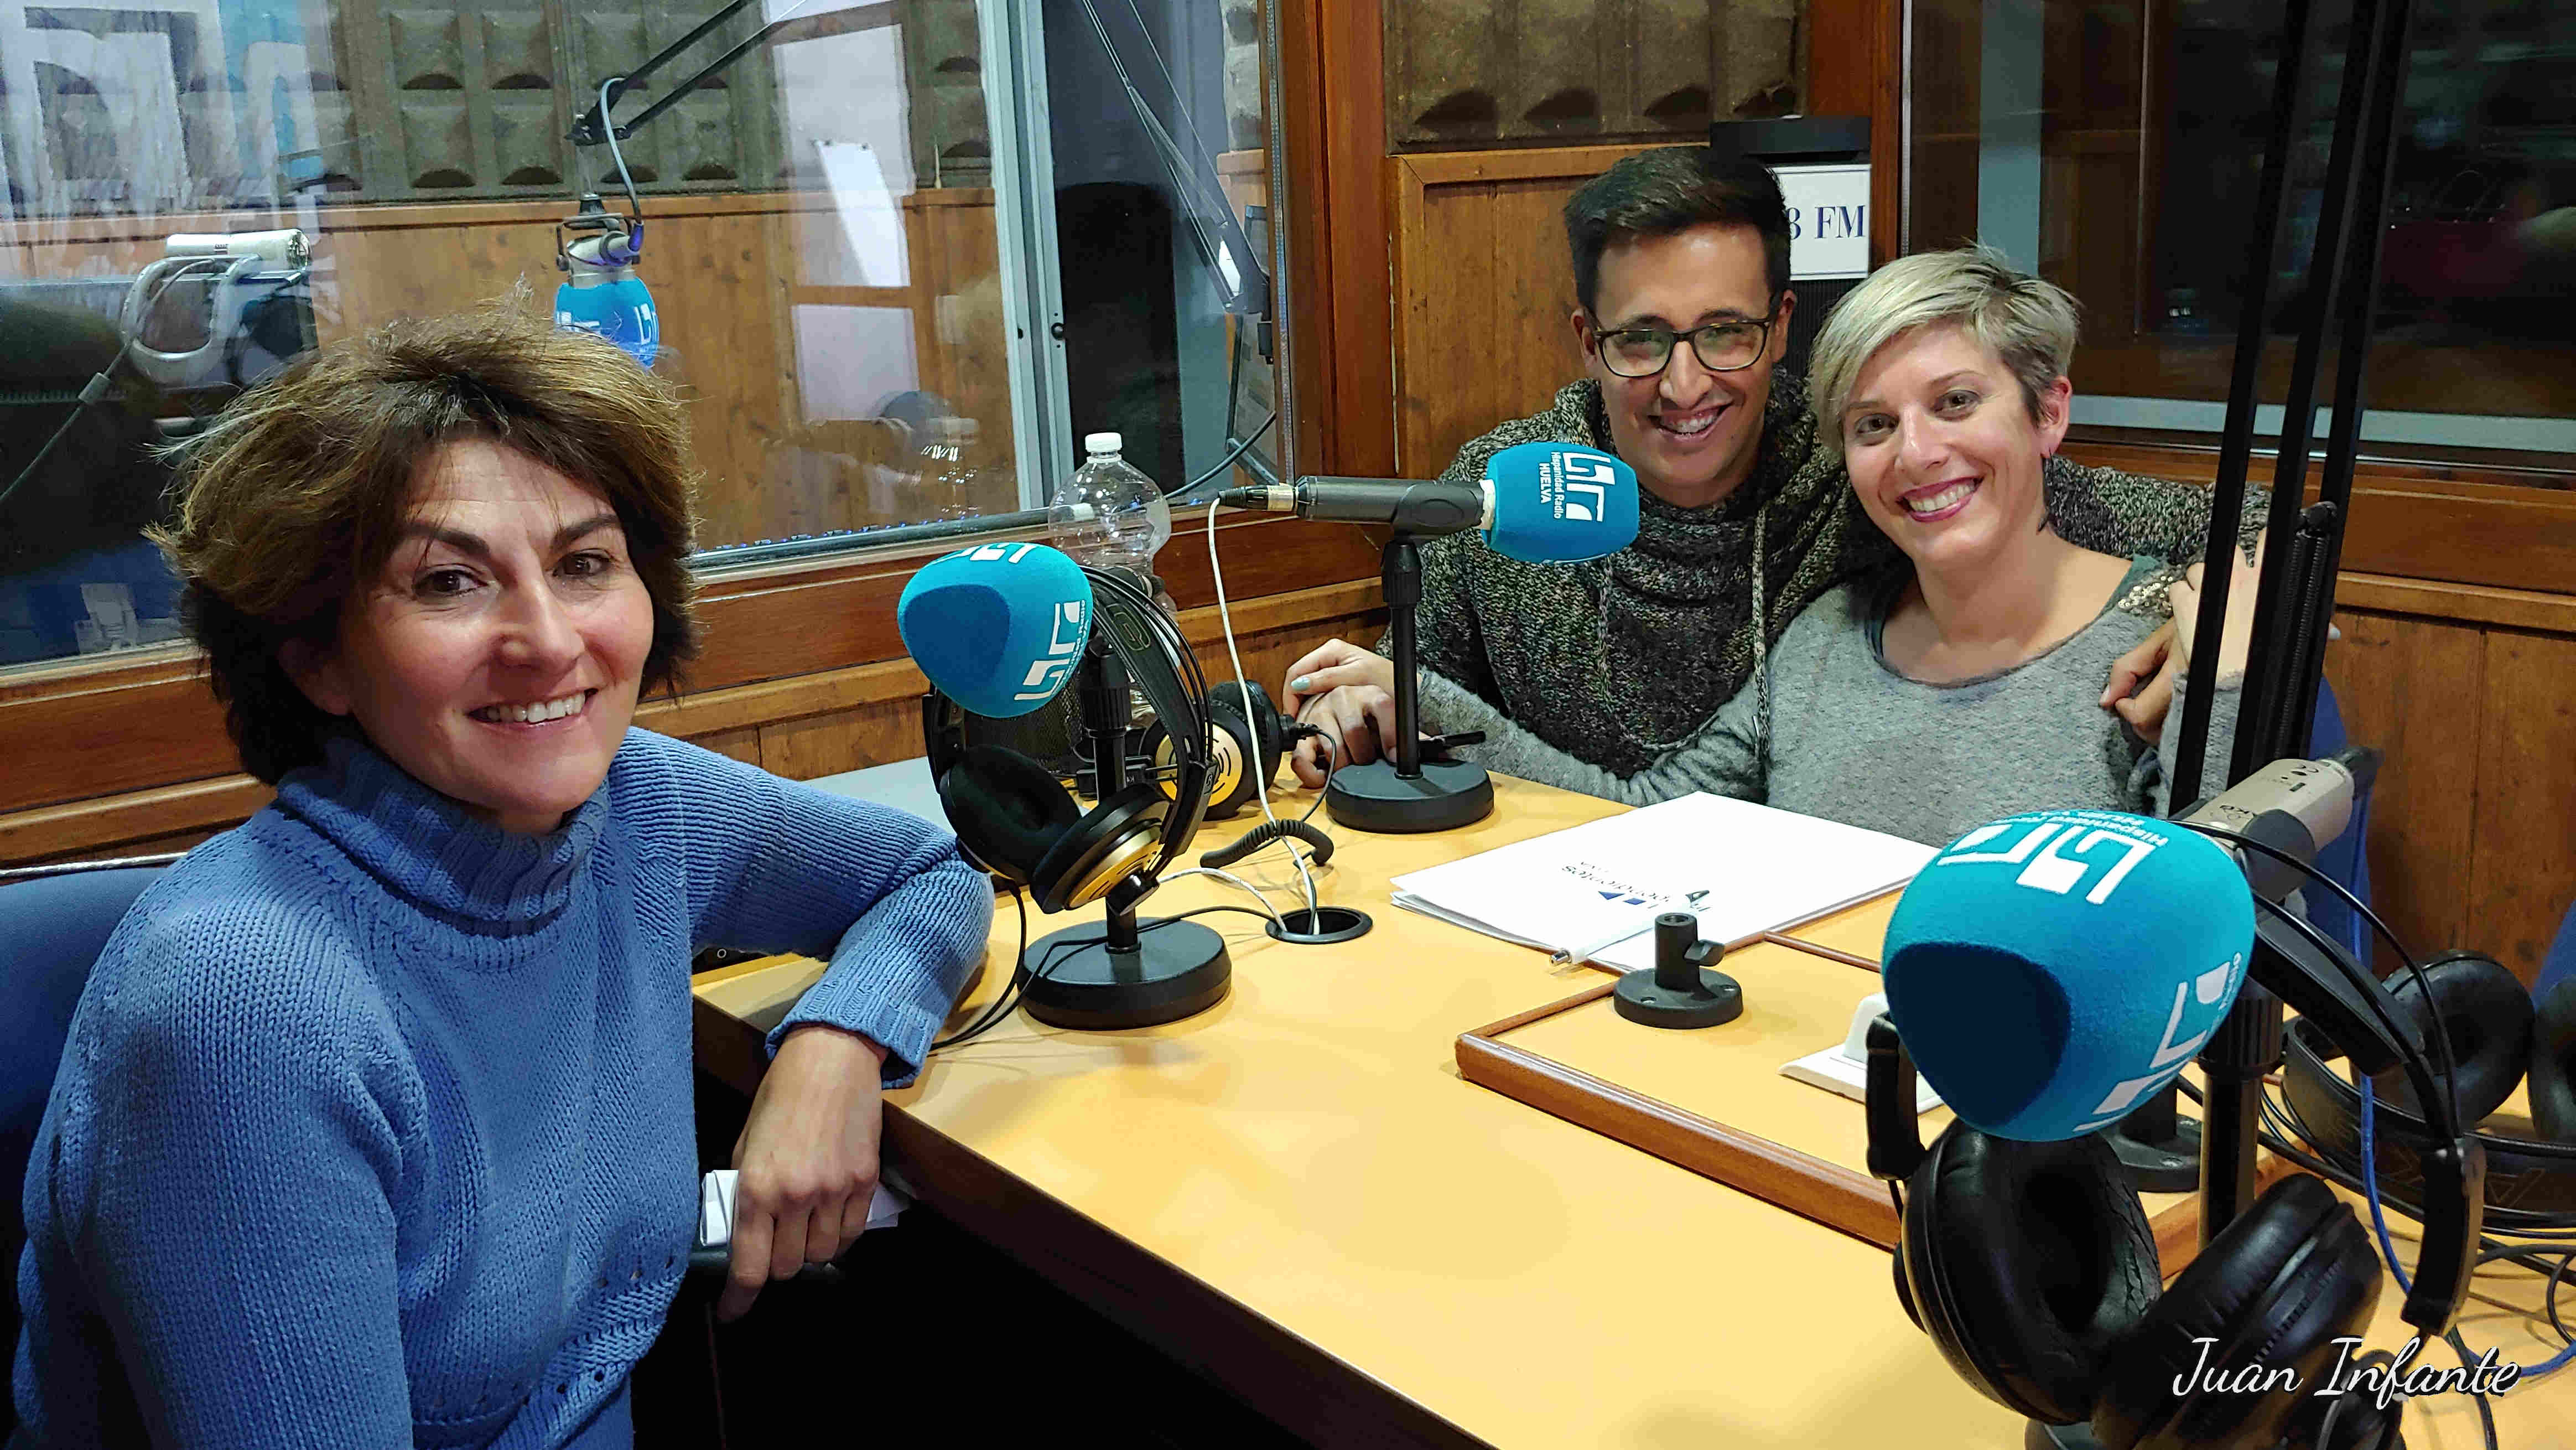 Queremos Saber 23-11-2018 Independientes Coalición Por Huelva - Lidia Calvo